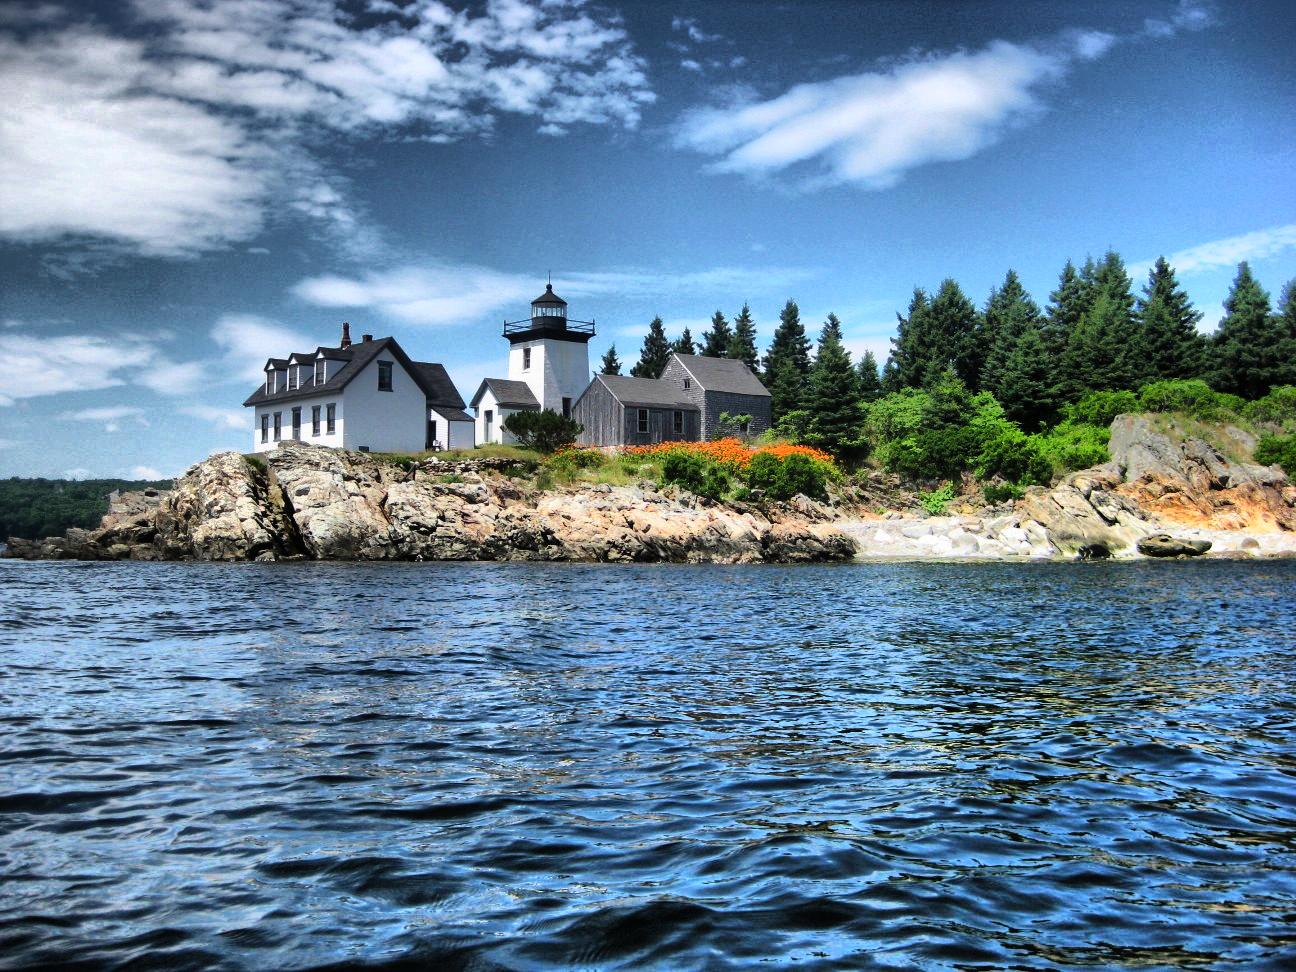 Scenic s Maine Scenery s